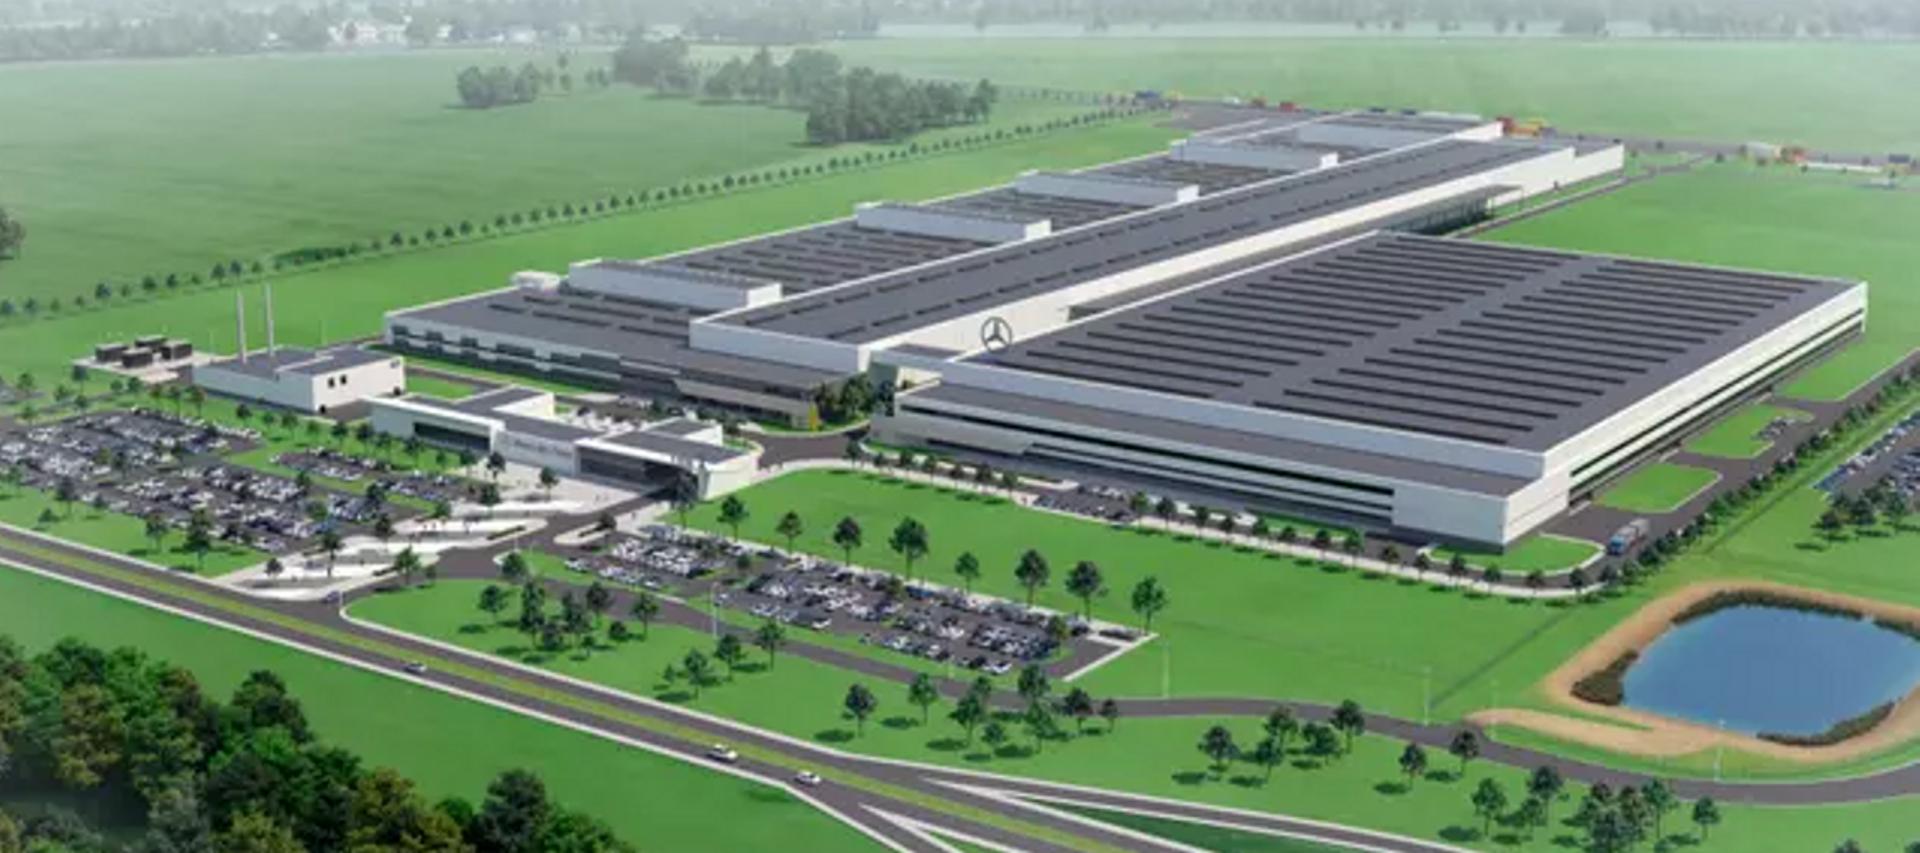 Dolny Śląsk: Eiffage zrealizuje za 300 mln zł kolejny etap budowy fabryki silników Mercedes-Benz w Jaworze